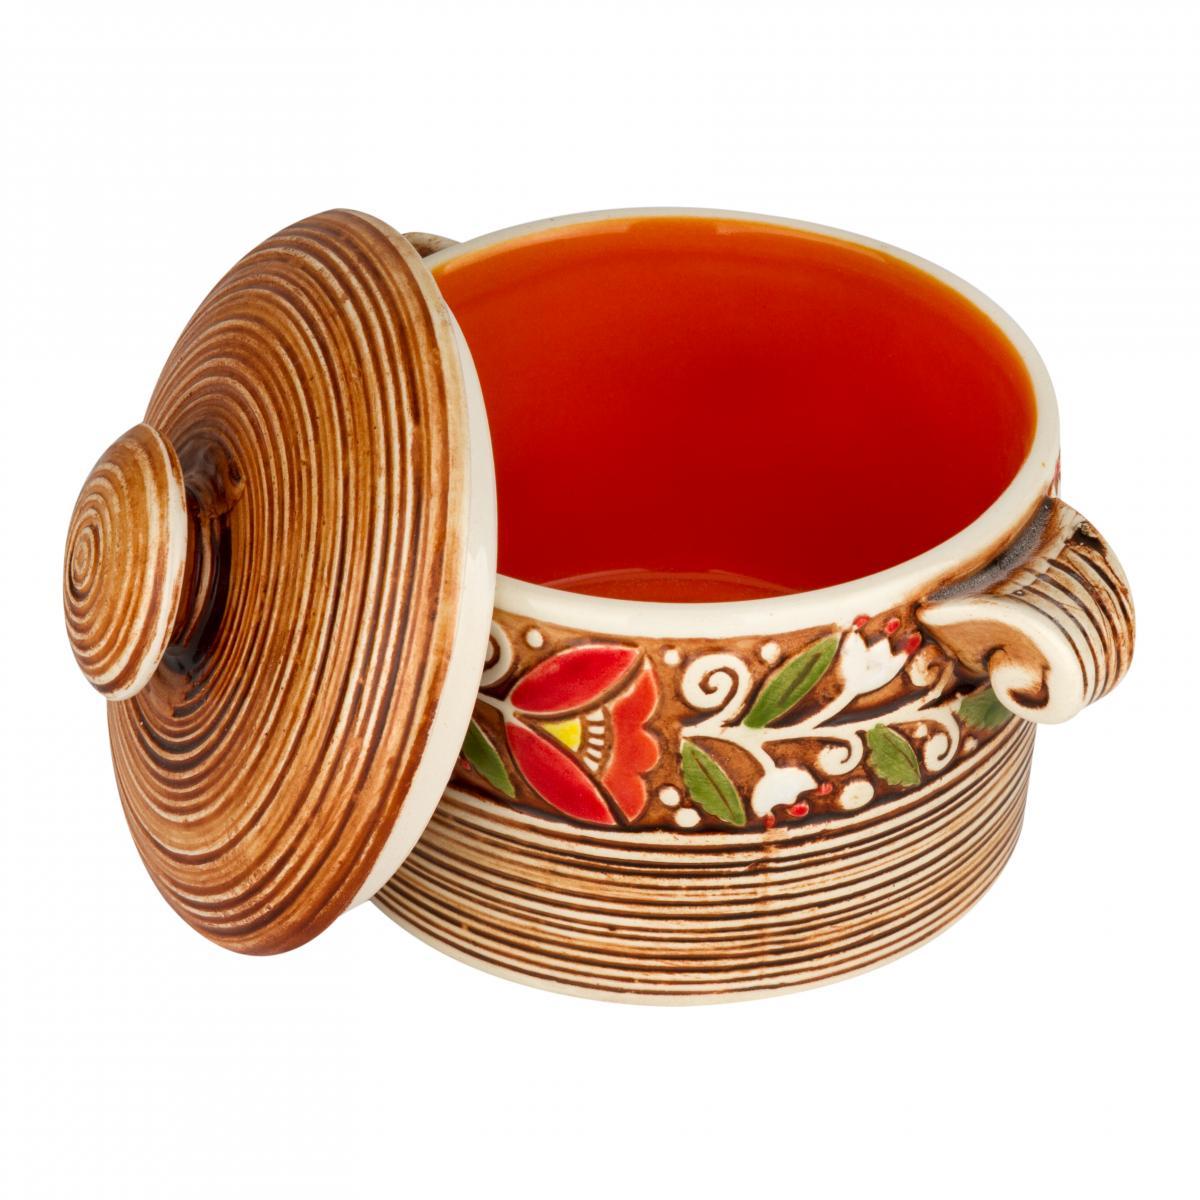 Керамическая кастрюлька оранжевая. Фото №2. | Народный дом Украина